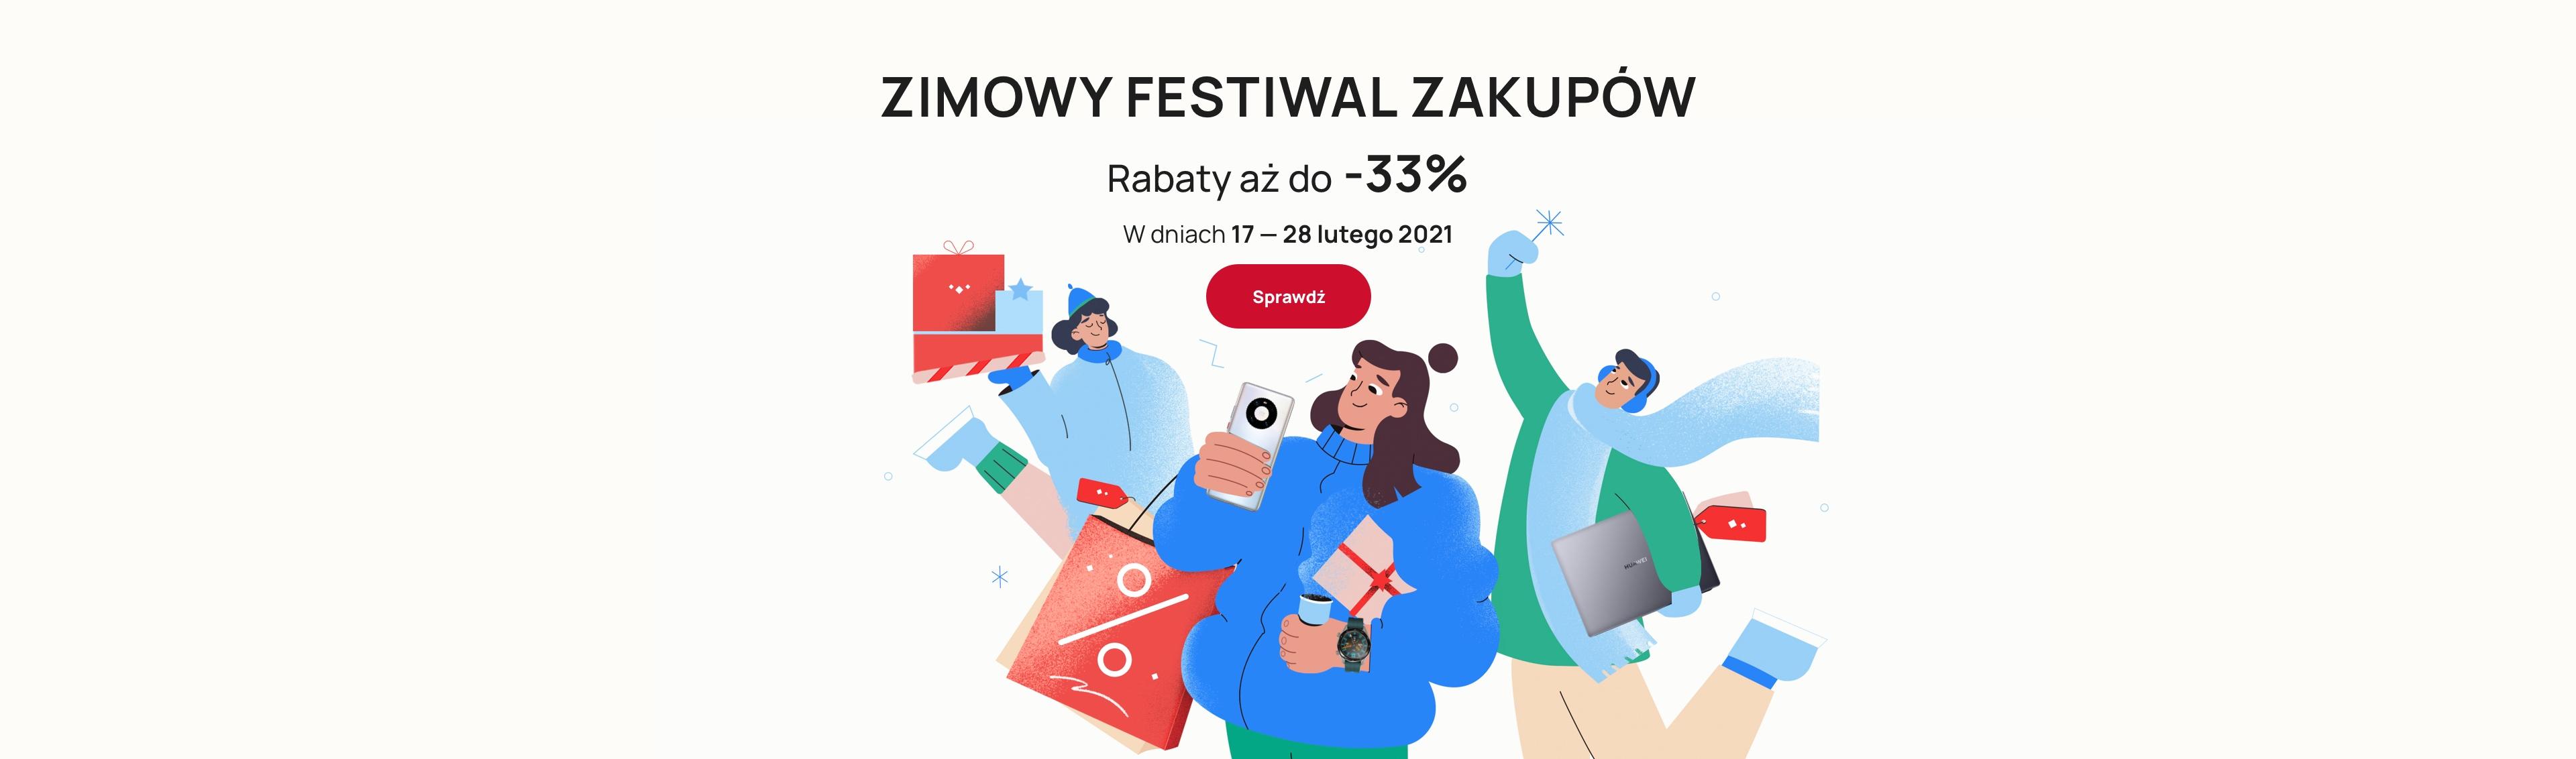 promocja Zimowy Fesiwal Zakupów na huawei.pl